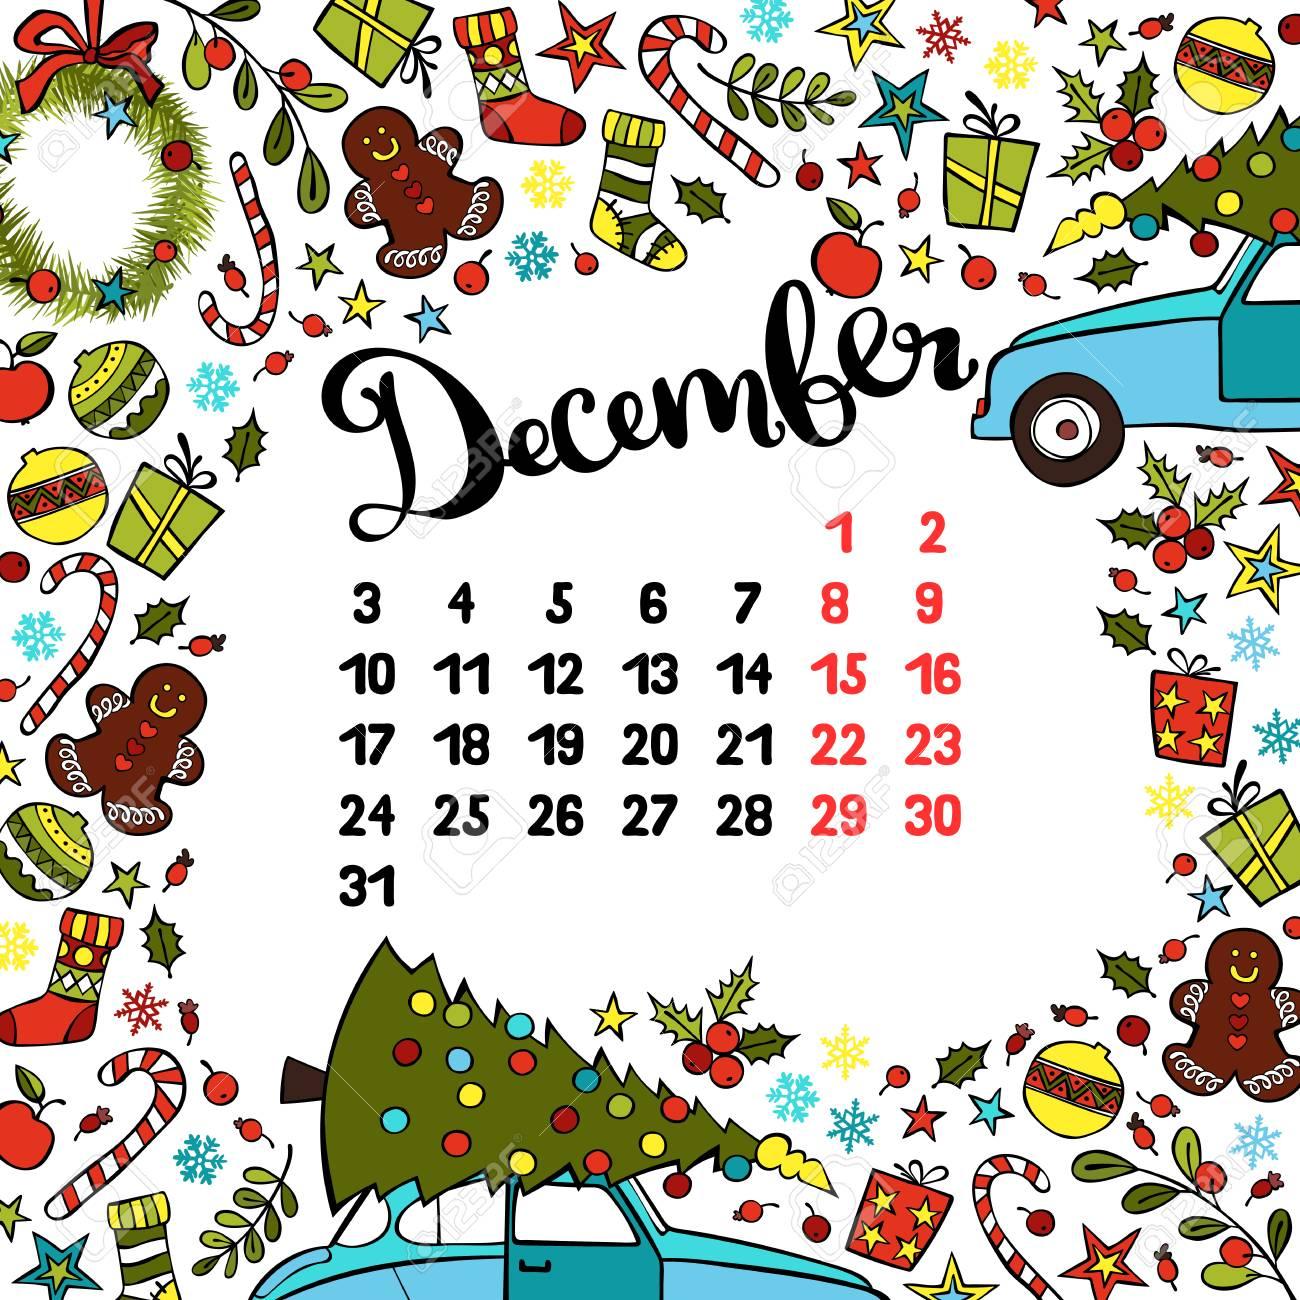 12 月カレンダーの月のデザイン のイラスト素材 ベクタ Image 0018